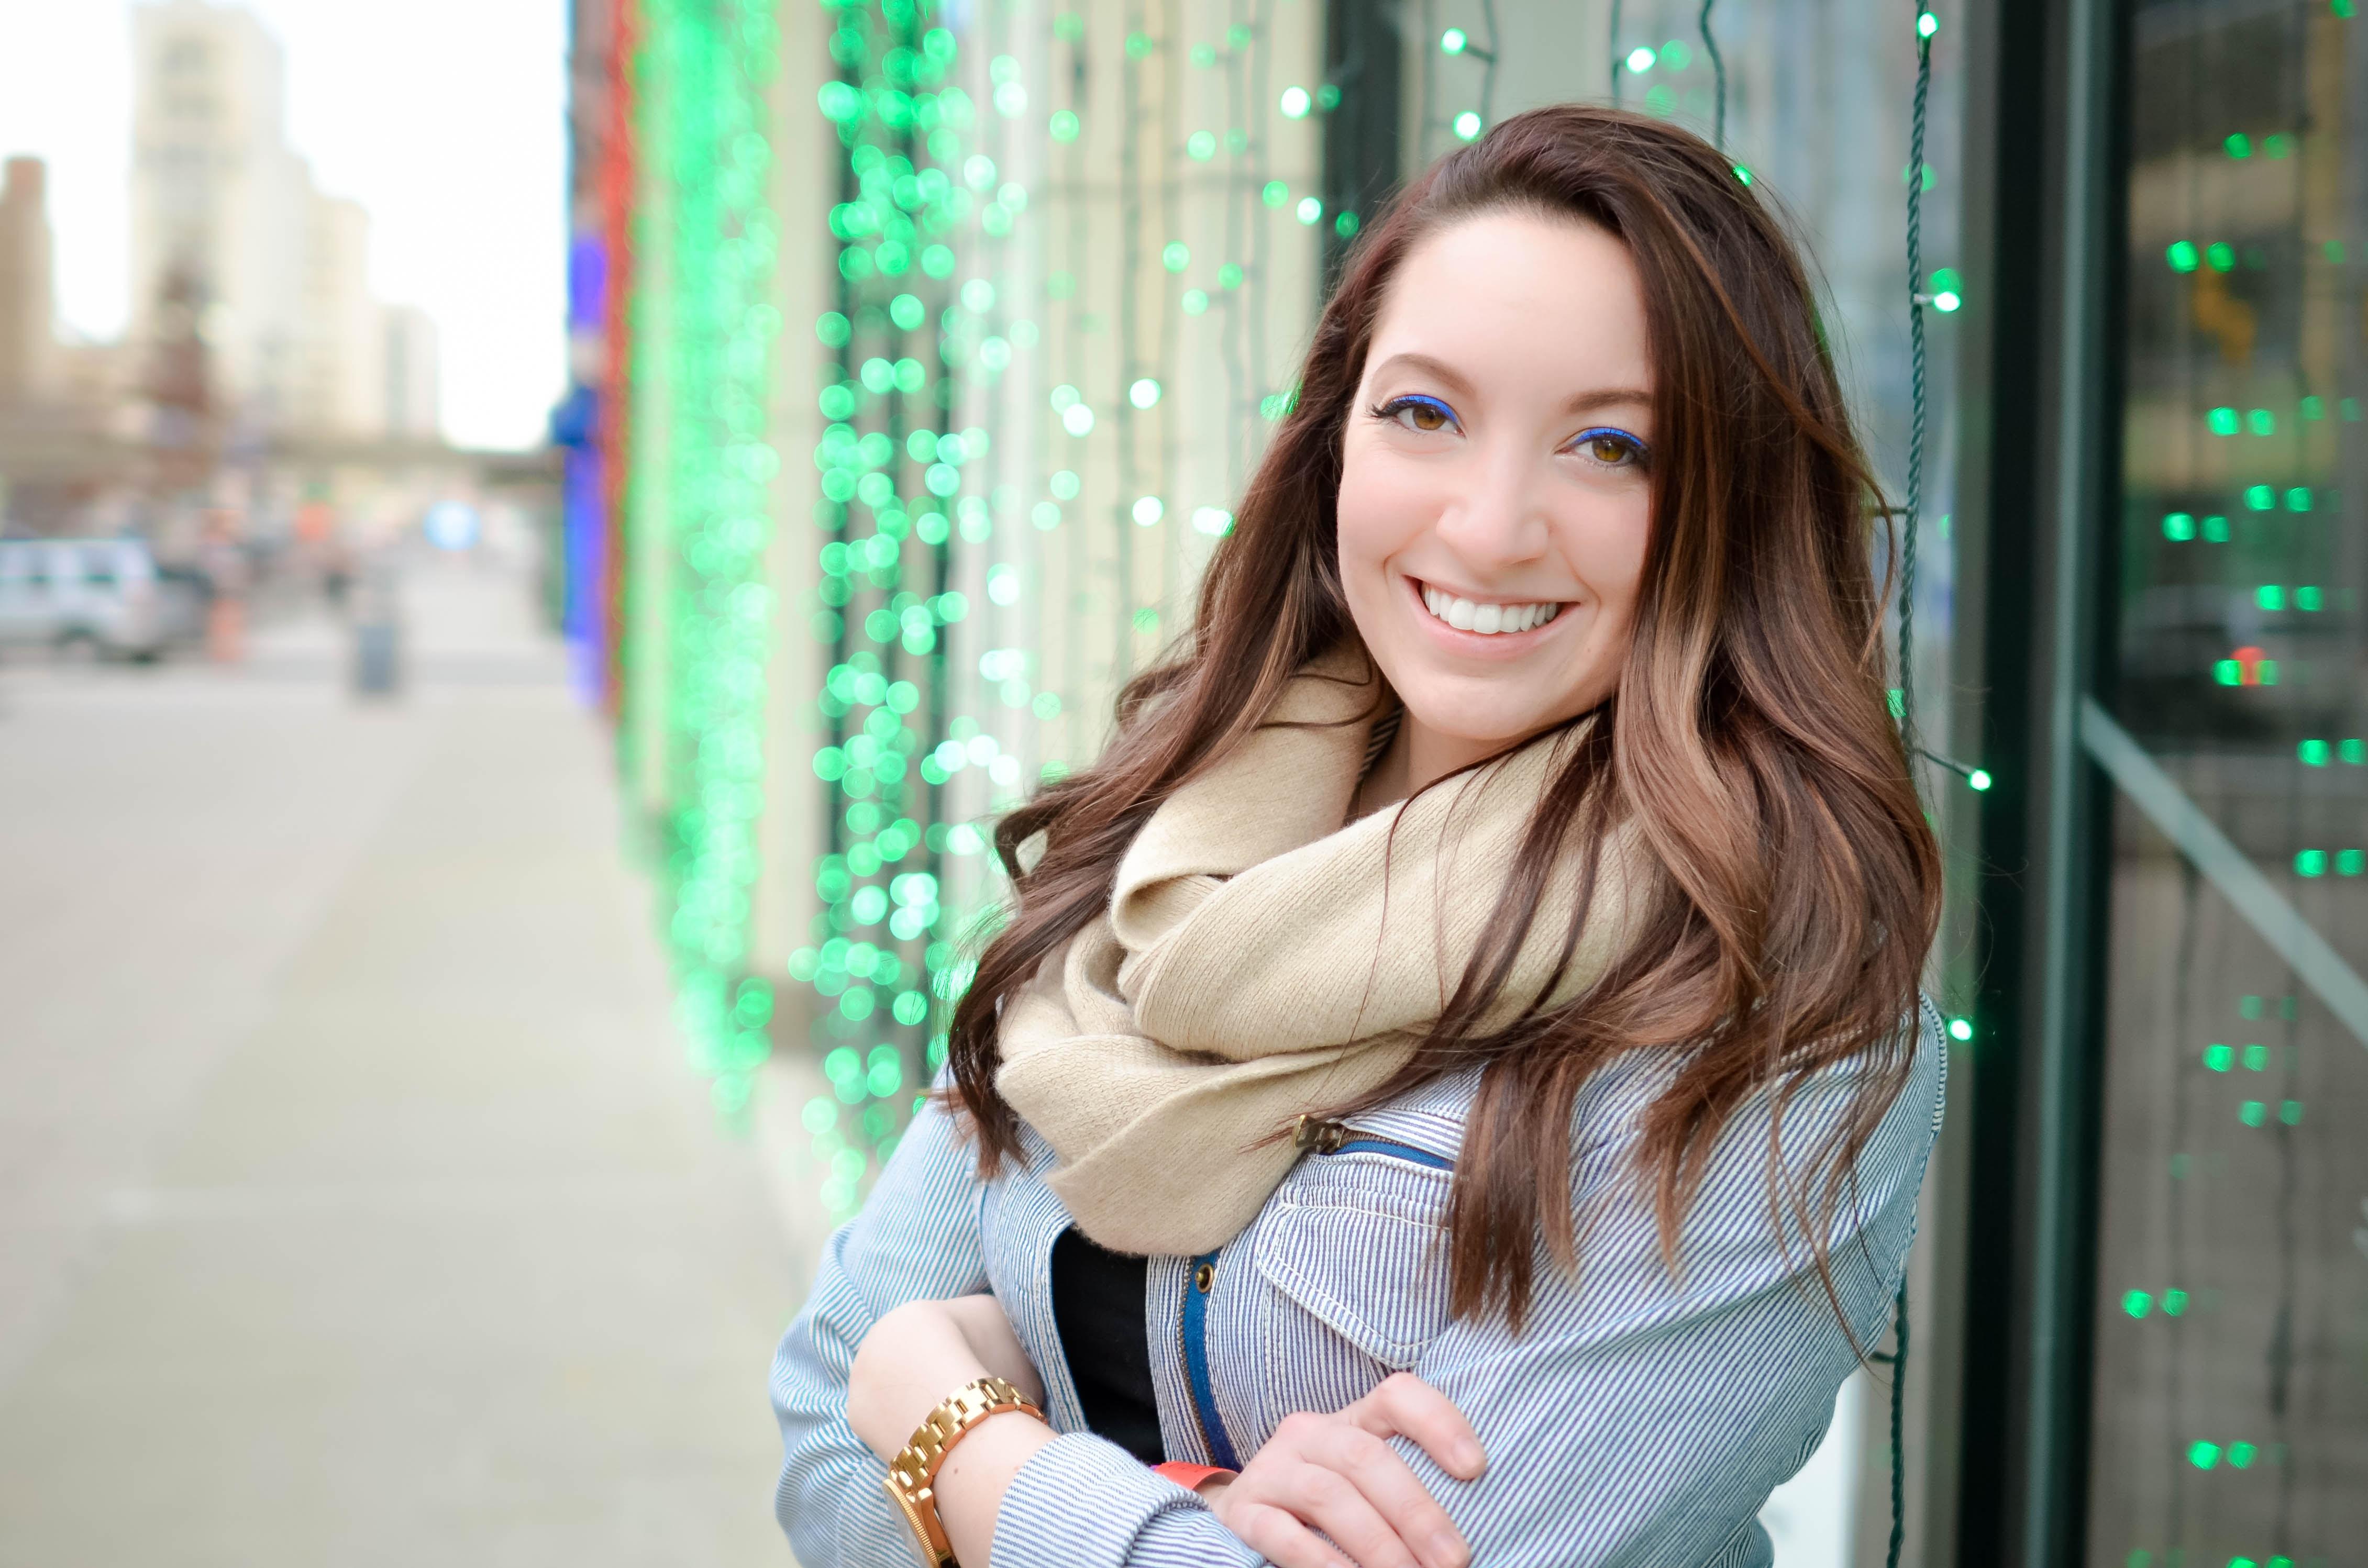 Go to Sara Kauten's profile